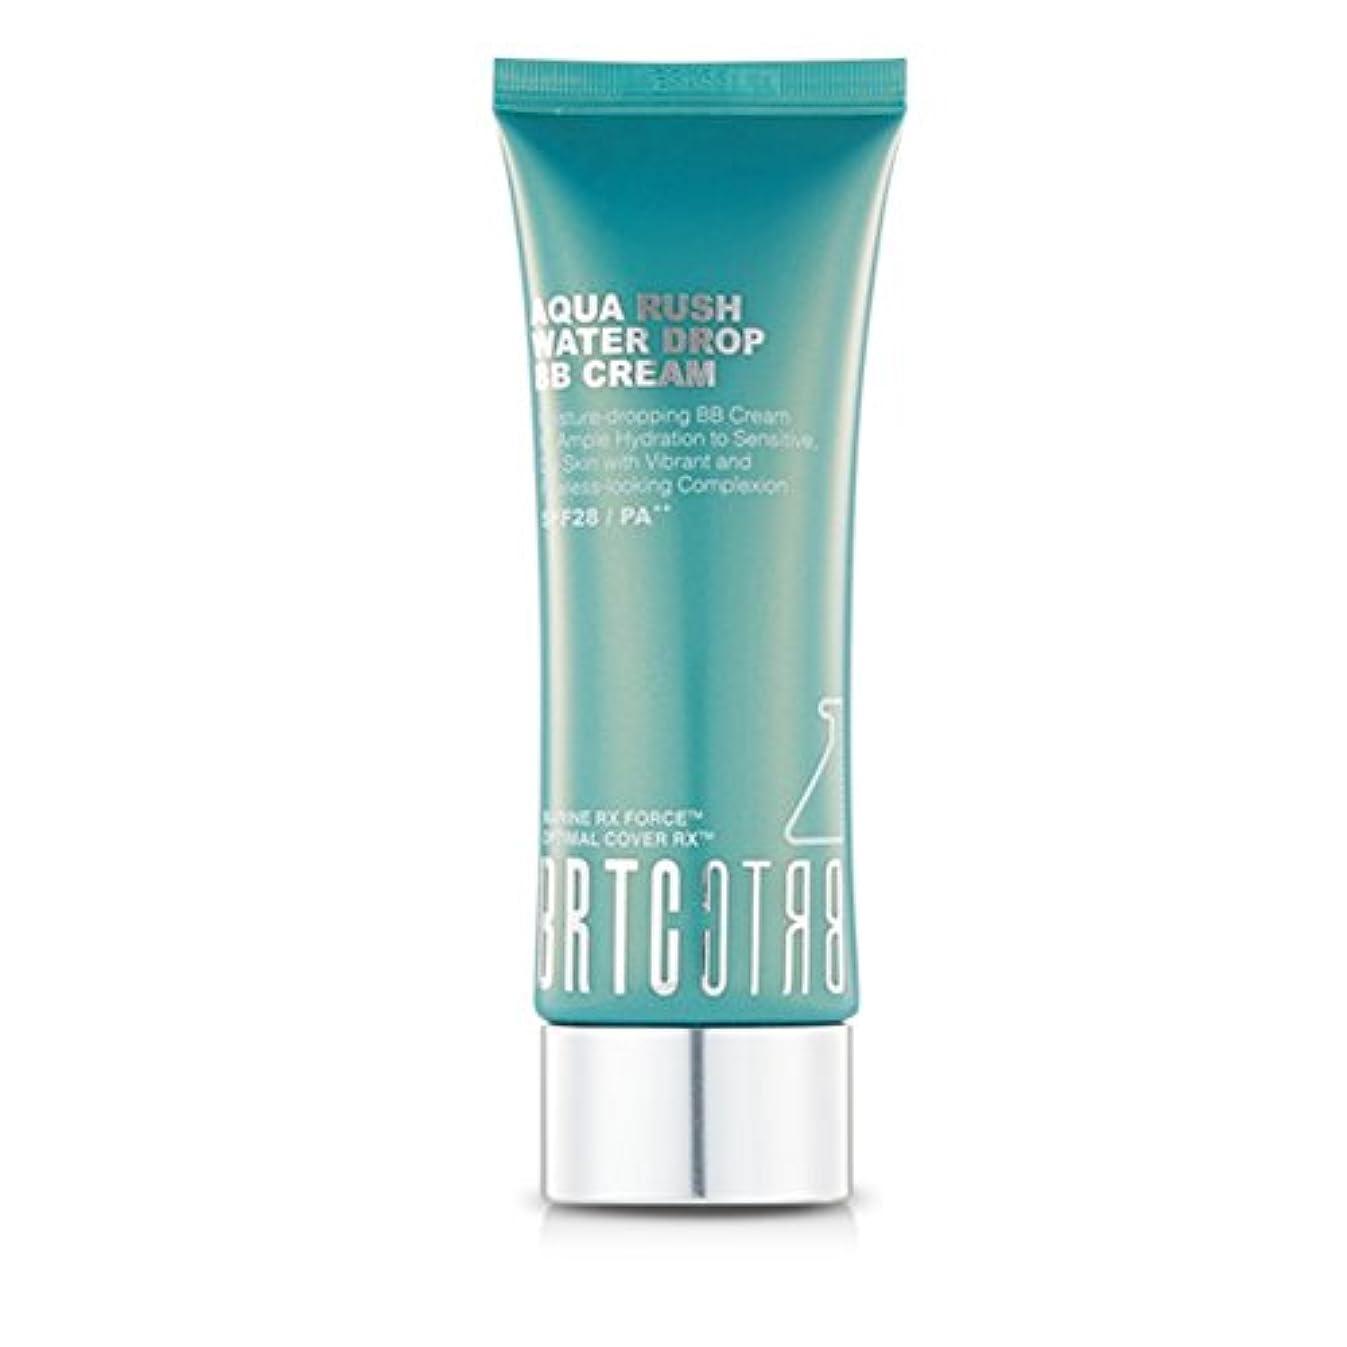 【BRTC/非アルティさん]韓国化粧品Aqua Rush Water Drop BB Cream/こすると水滴がソングルソングルミネラルBB/アクアラッシュウォータードロップBBクリーム60g(海外直送品)